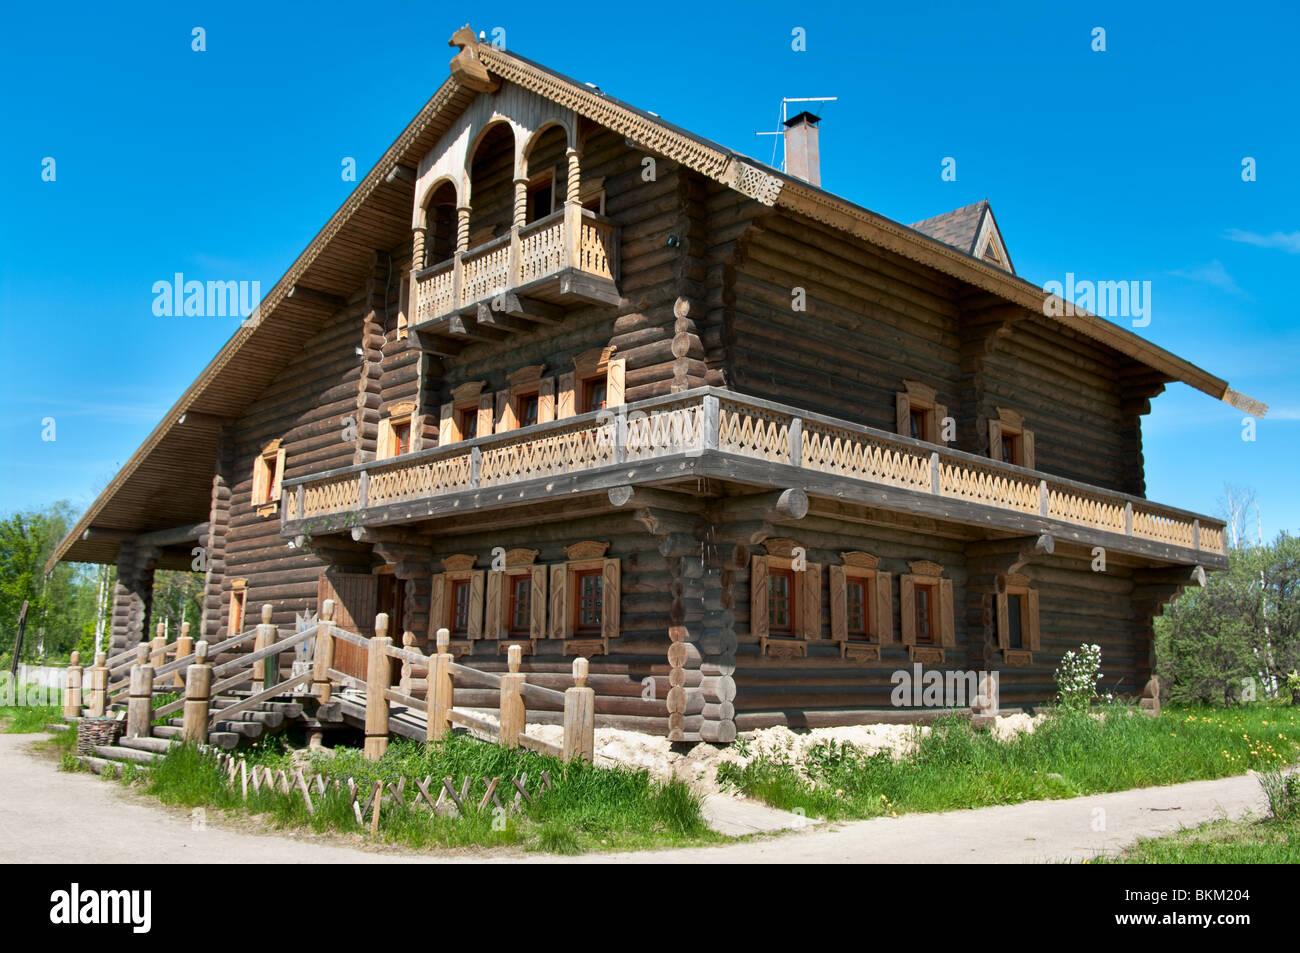 Schön Russisches Holzhaus Sammlung Von Russische Groe Aus Hlzern Und Windows Drauf